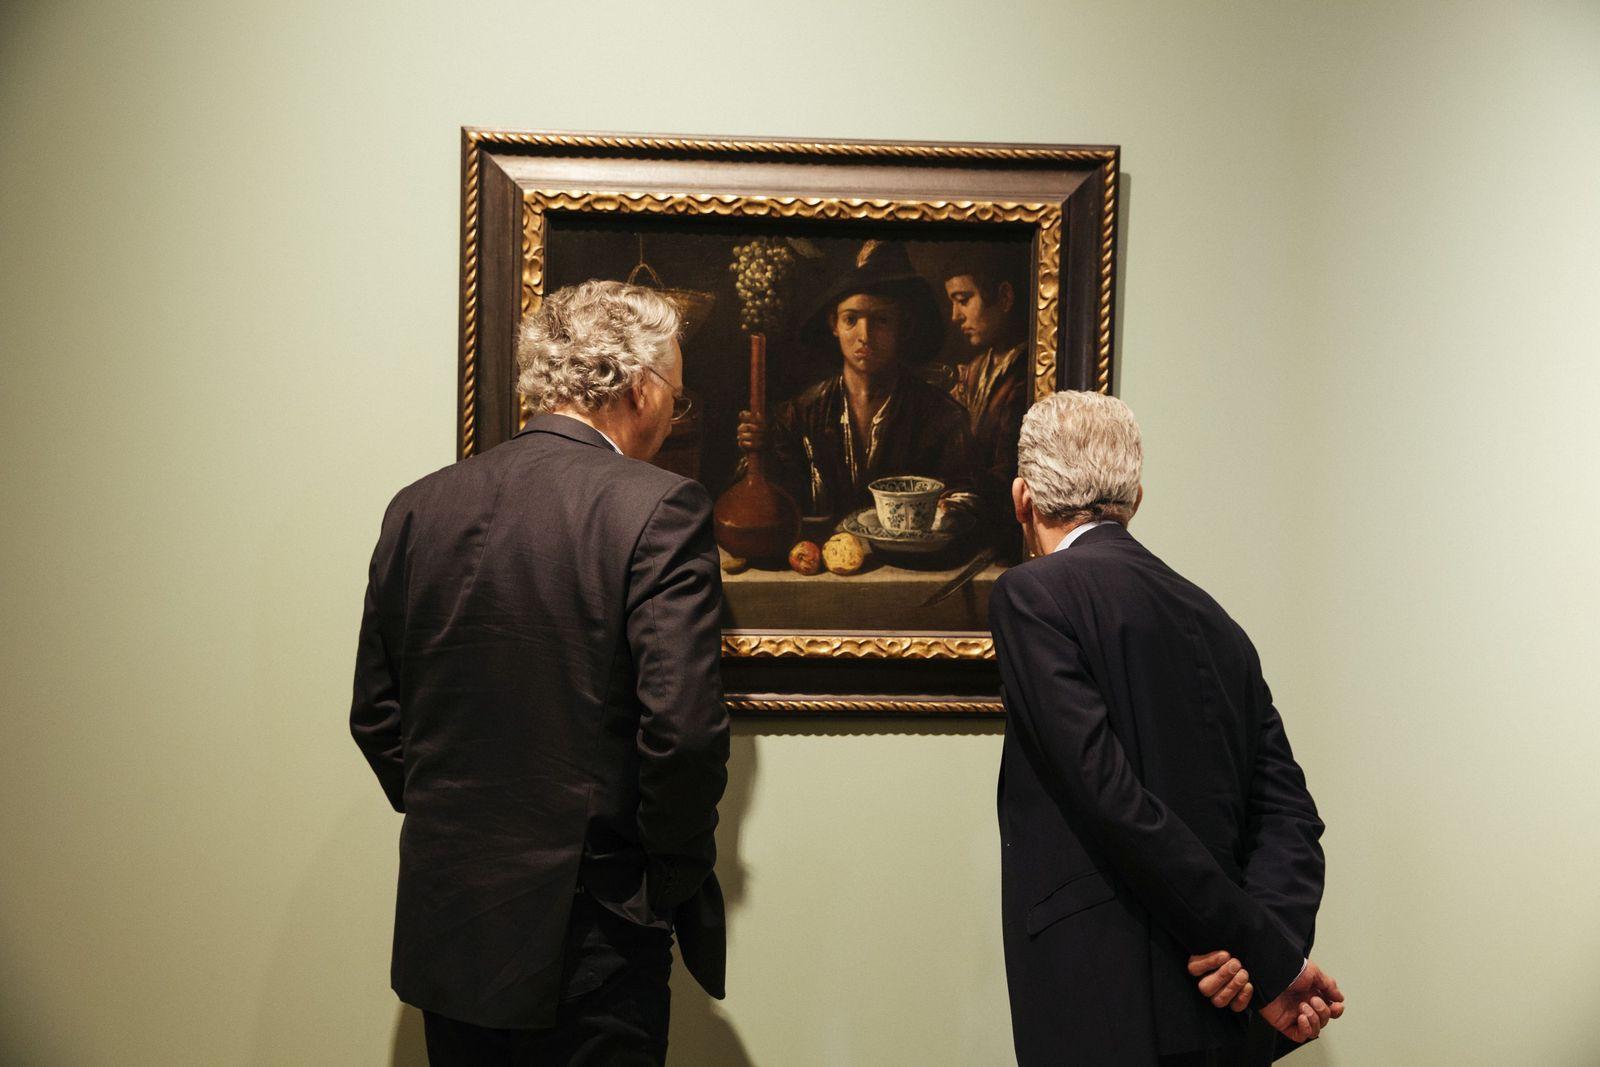 Michael Eissenhauer und Bernd Lindemann in der Gemäldegalerie. (c) Staatliche Museen zu Berlin / Daniel Hofer